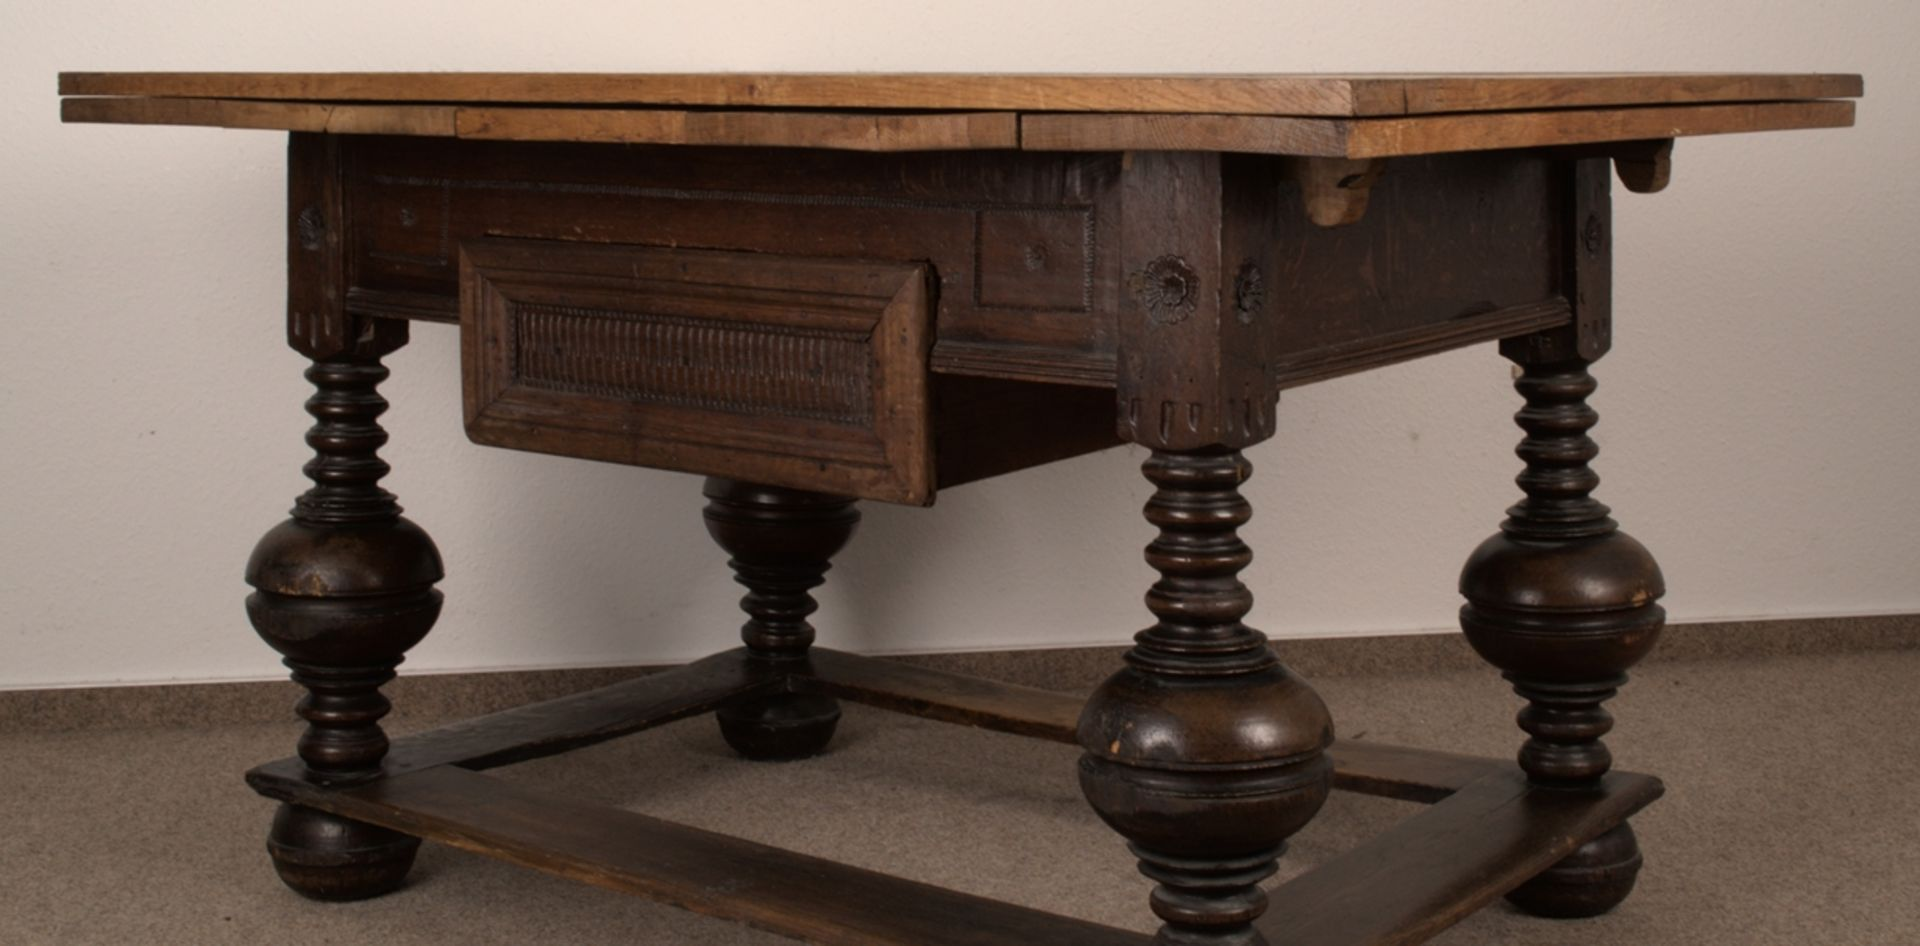 Großer Auszugstisch, Franken um 1730/50. Querverstrebter Tischunterbau mit kräftigen Balusterbeinen, - Bild 16 aus 36